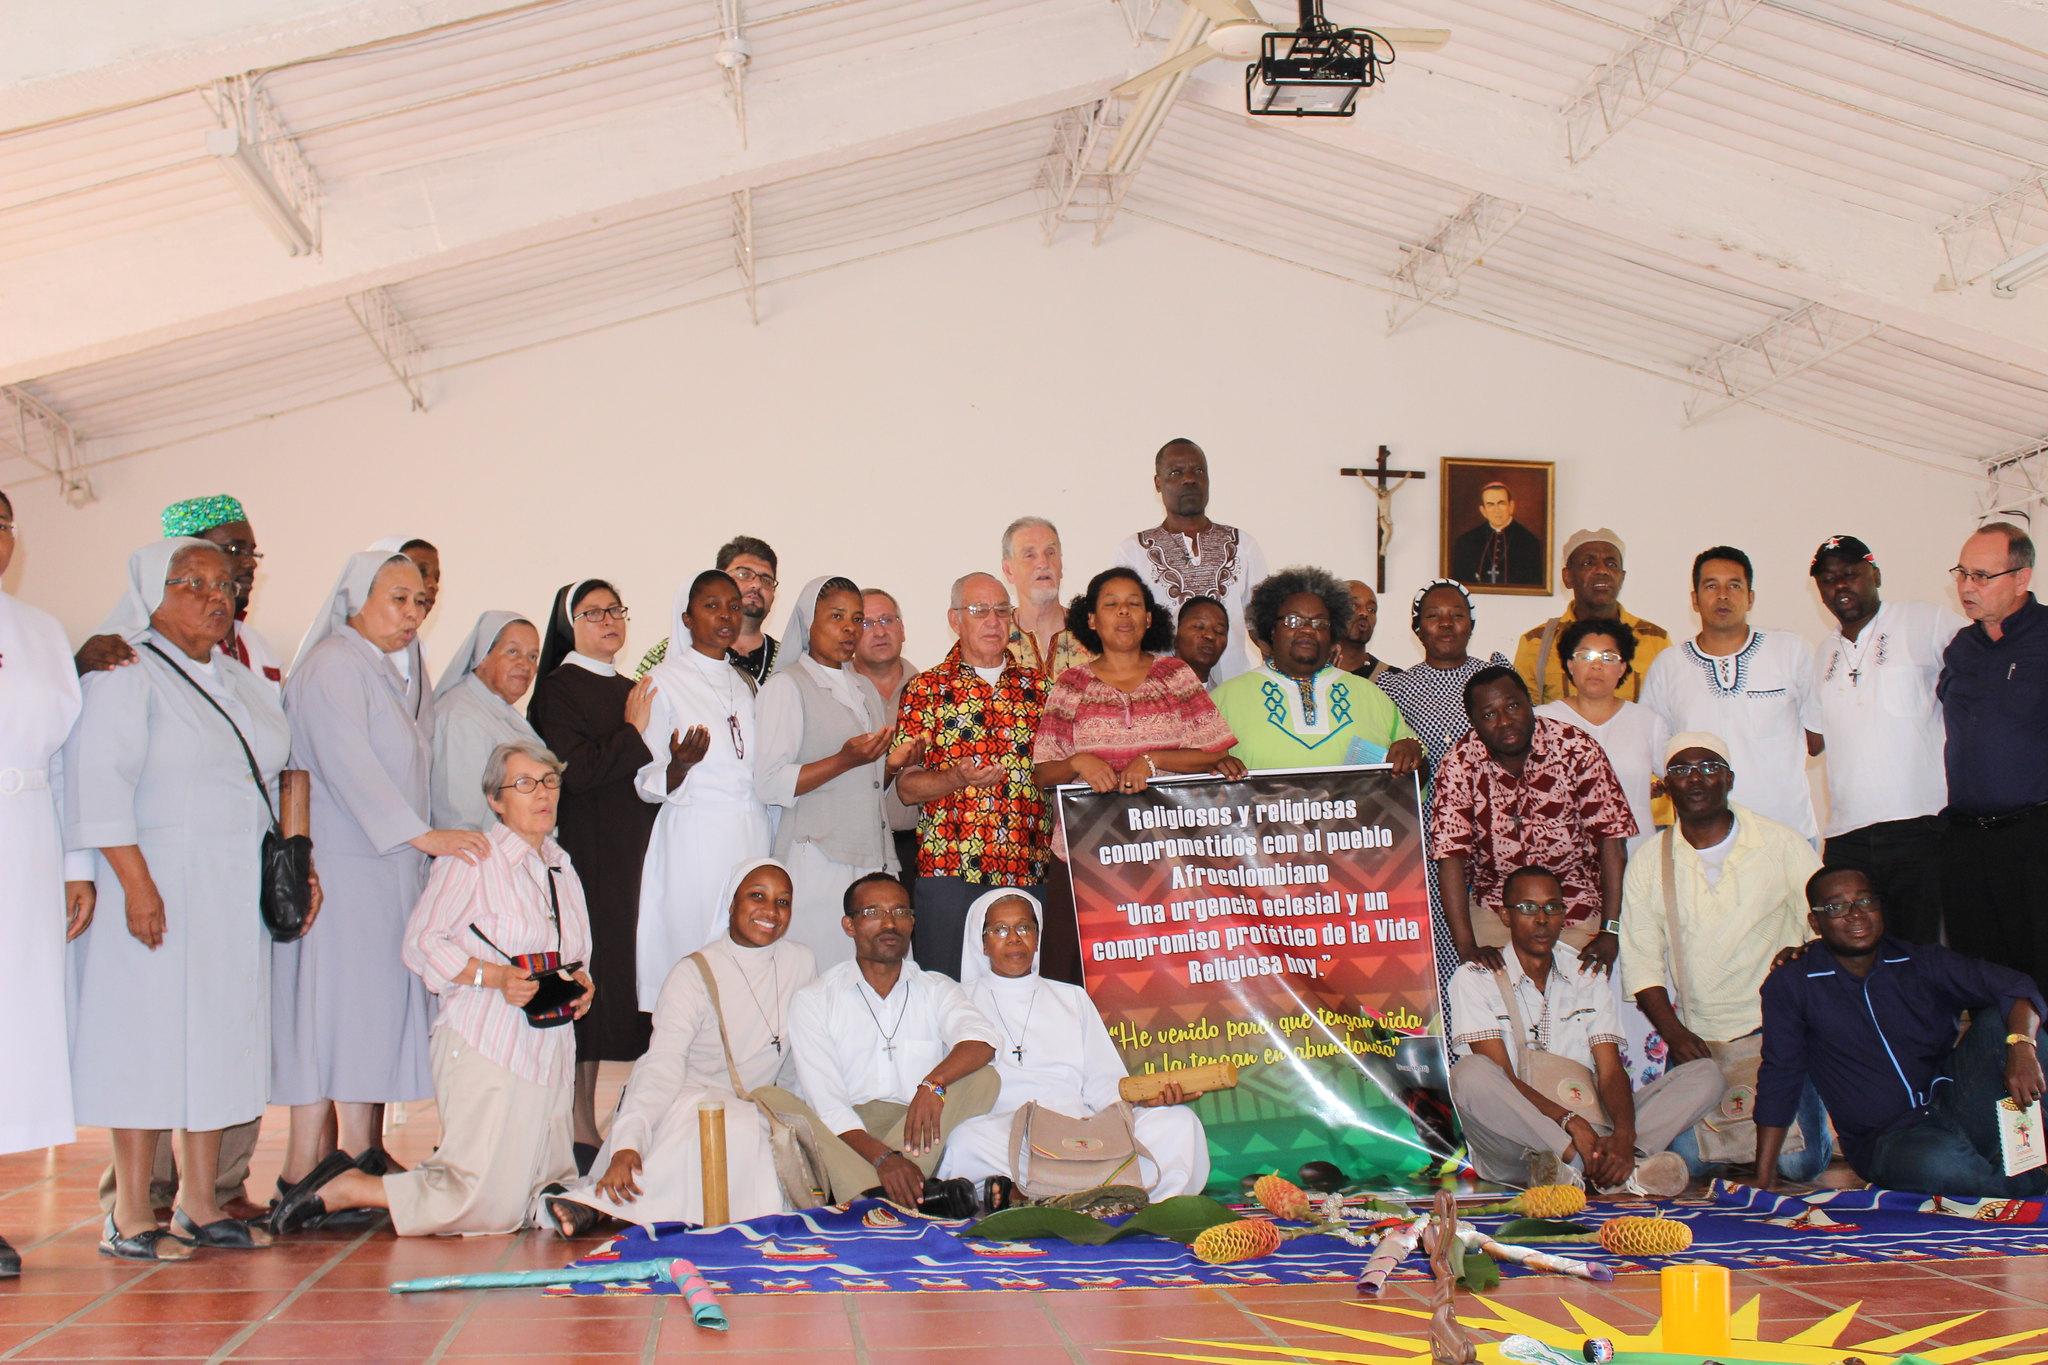 Foto de familia del Encuentro de Religiosas y Religiosos Comprometidos con la Pastoral Afro con su pendón, en el segundo día en el Seminario Mayor San Pedro Apóstol, de Cali.